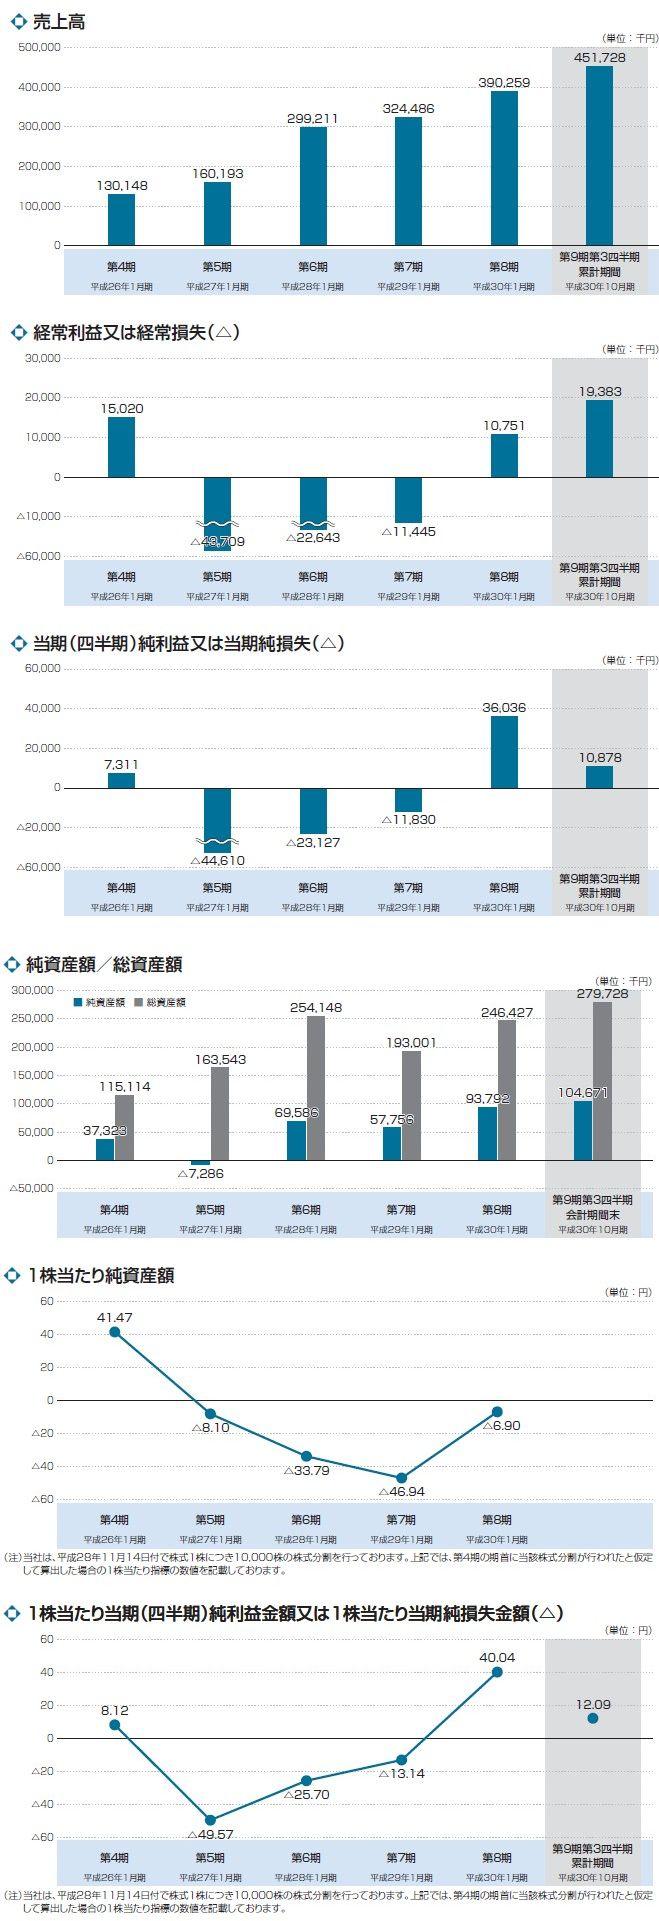 ハウテレビジョンの経営指標グラフ